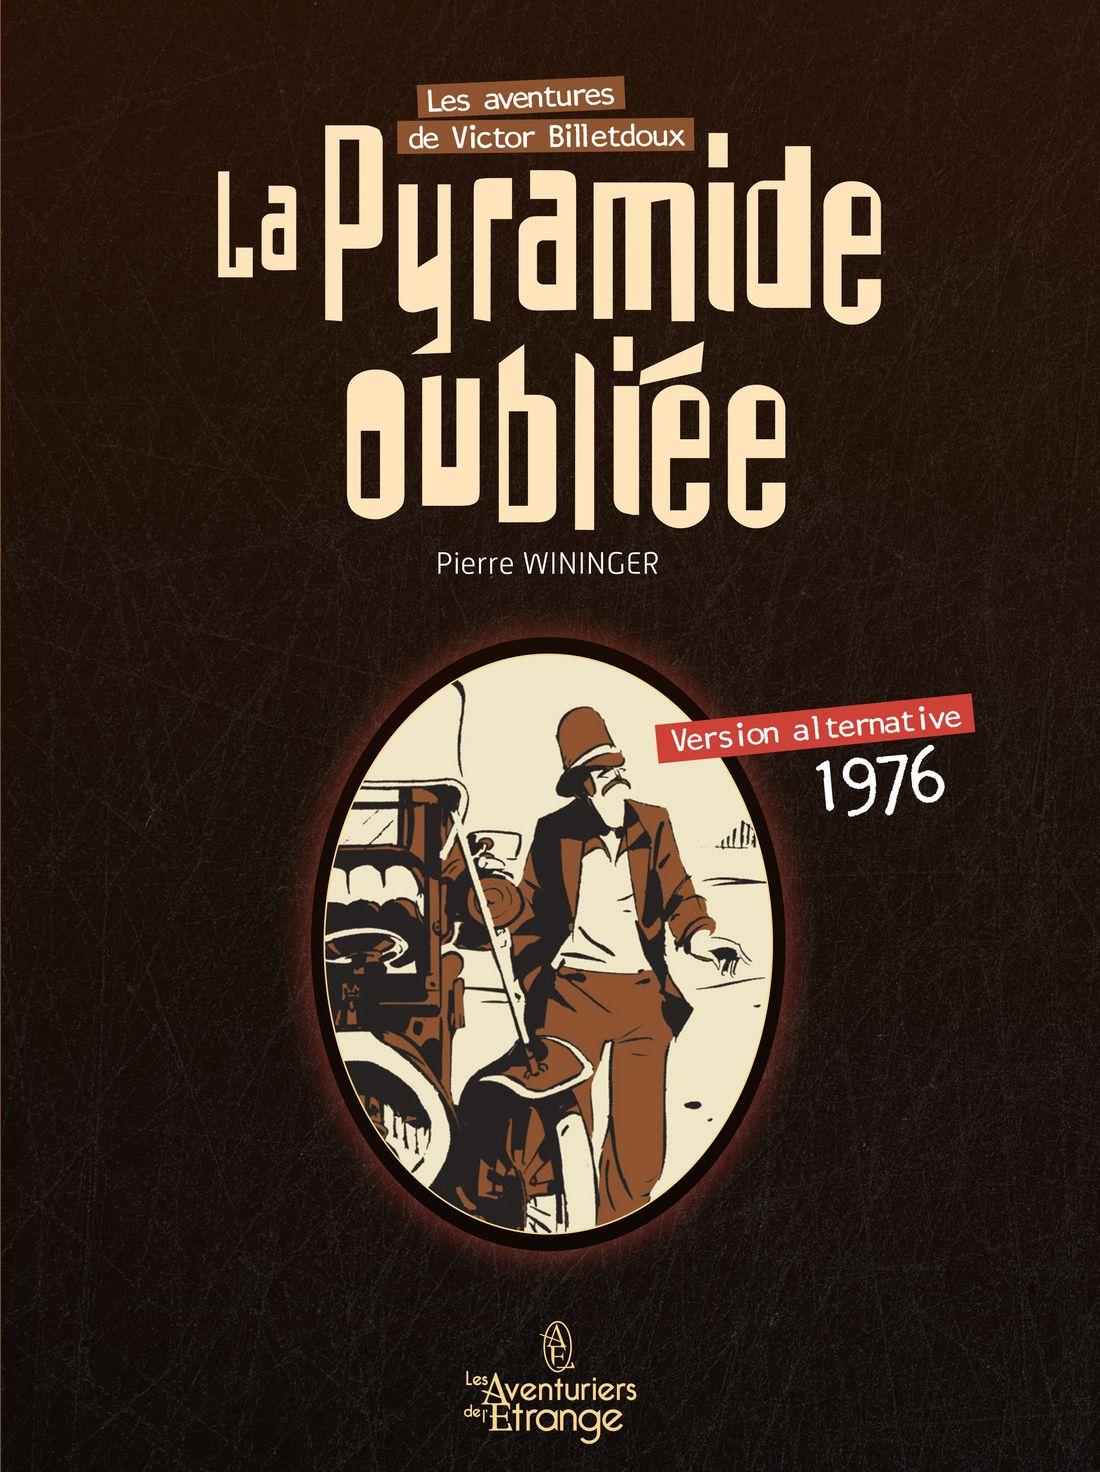 Entretien avec Marc Antoine Fleuret, la Pyramide oubliée, édition alternative © Les Aventuriers de l'Etrange / Pierre Wininger